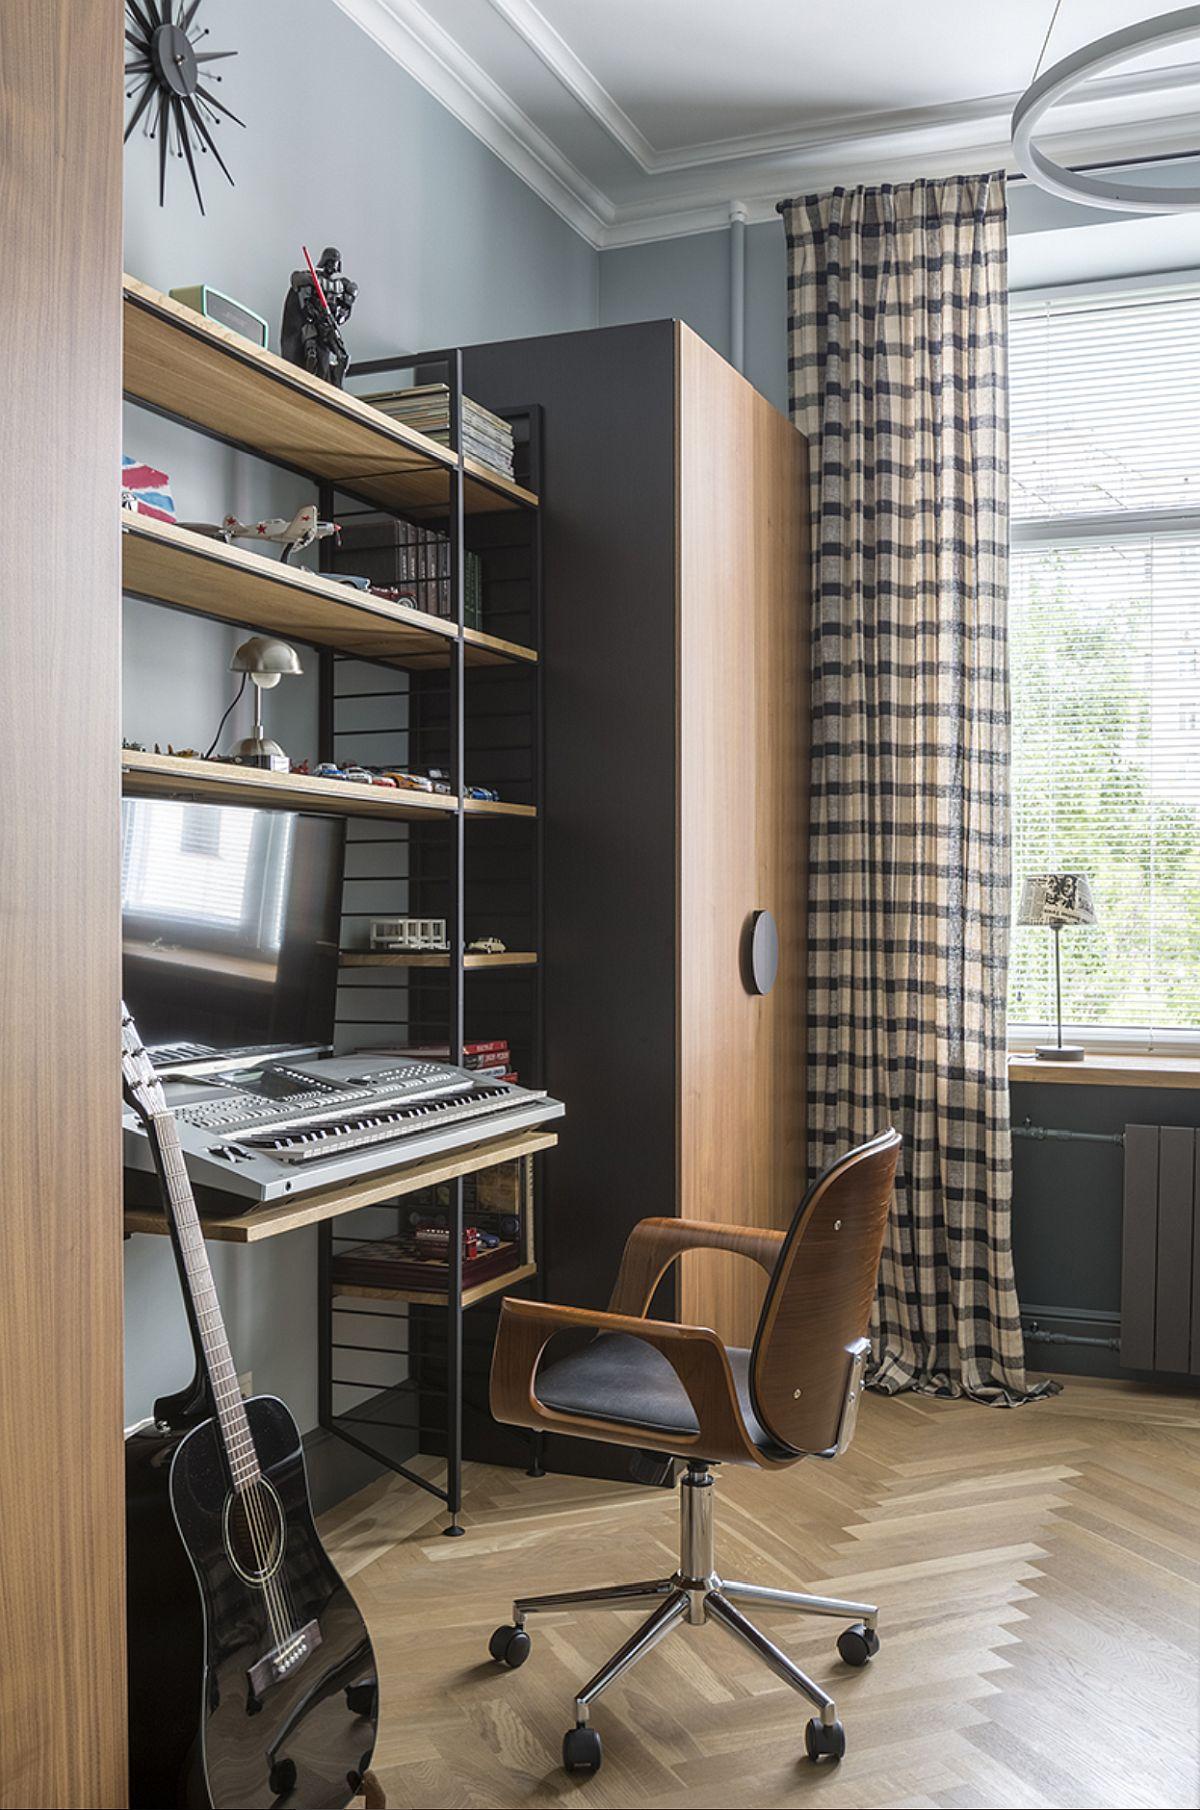 Camera de tineret este împărțită de doi frați adolescenți, ca atare și amenajare este ușor mai masculină. Pe unul dintre pereții camerei sunt spațiile de depozitare, dulapuri care încadrează unul dintre birouri.